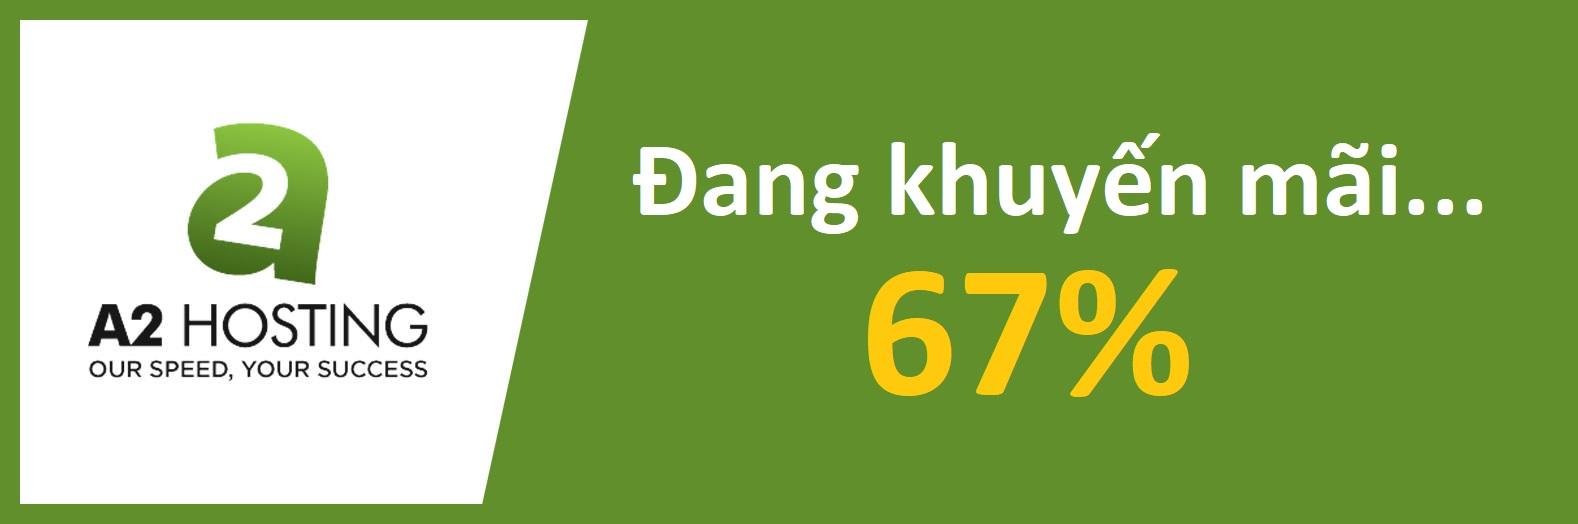 A2Hosting khuyến mãi 67%